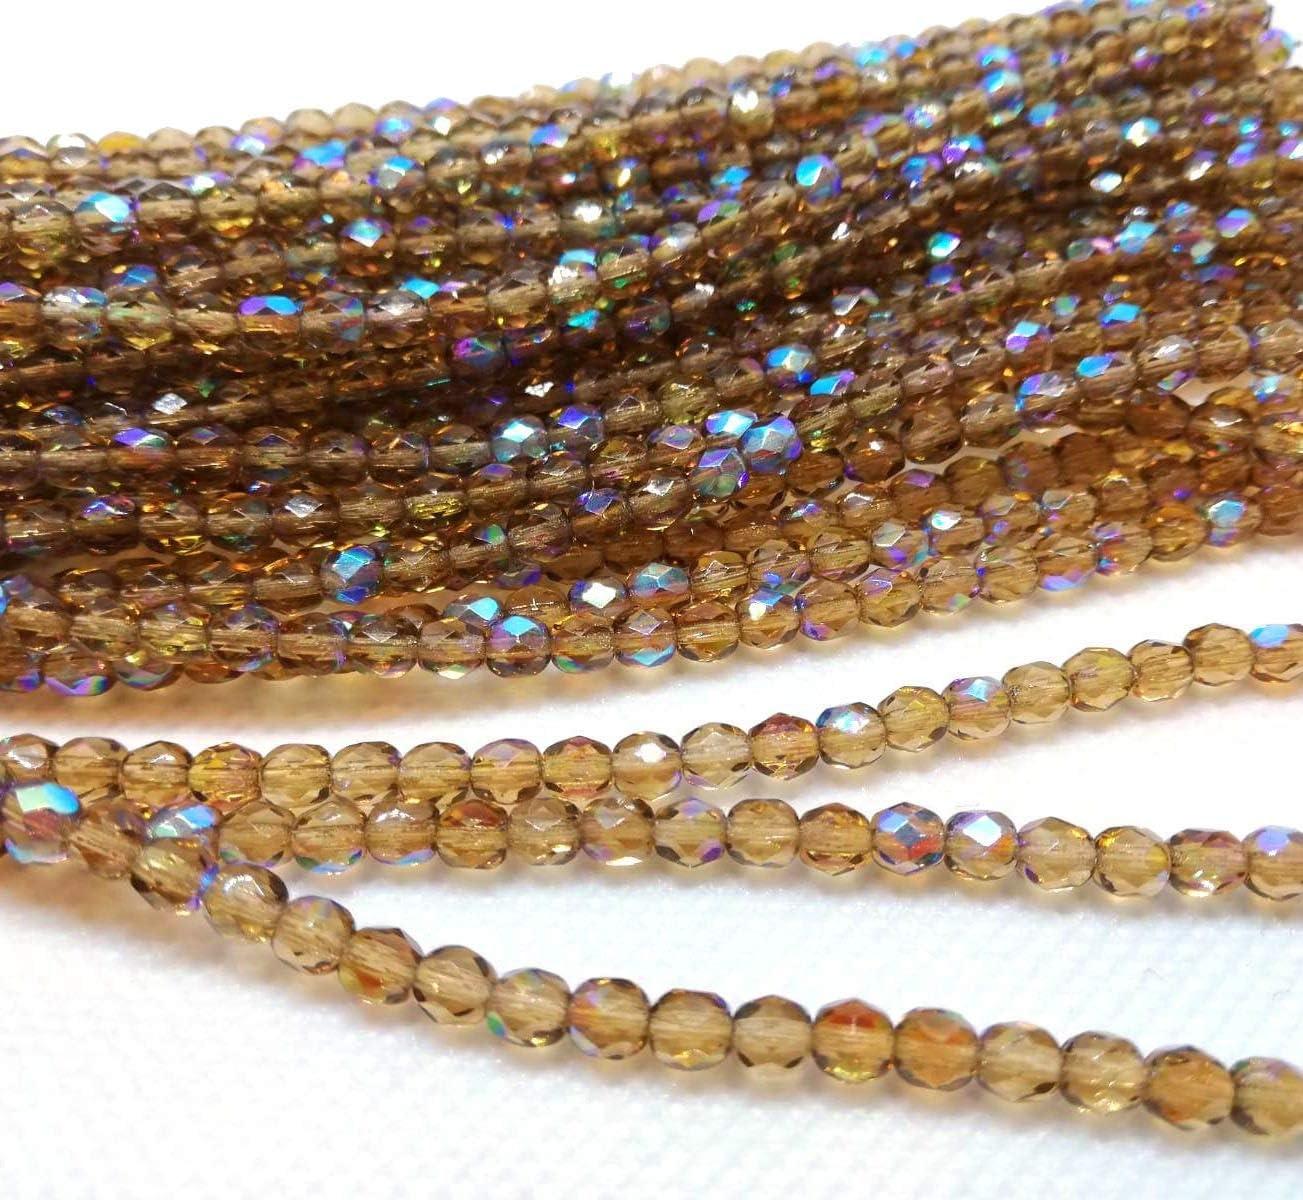 Cuerda de Cuentas de Cristal de Bohemia pulidas Preciosa de 4 mm, pulidas al Fuego, facetadas, Redondas, Cuentas de Estilo checo, Light Colorado Topaz AB, 4mm